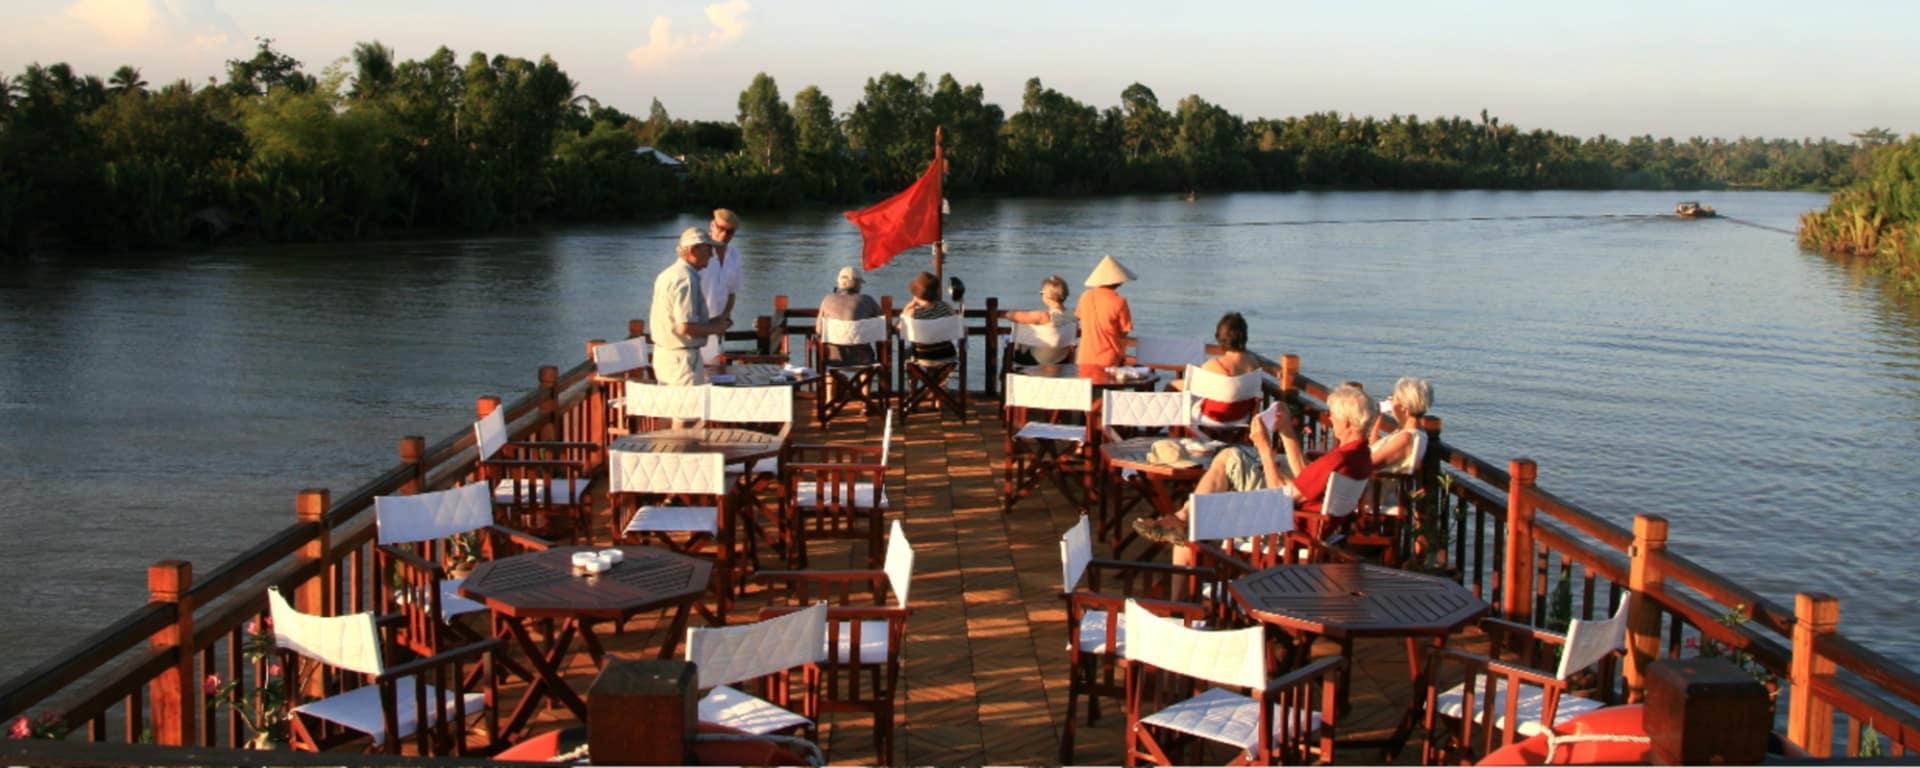 Croisières fluviales dans le delta du Mékong avec «Mekong Eyes» de Saigon: Upper deck